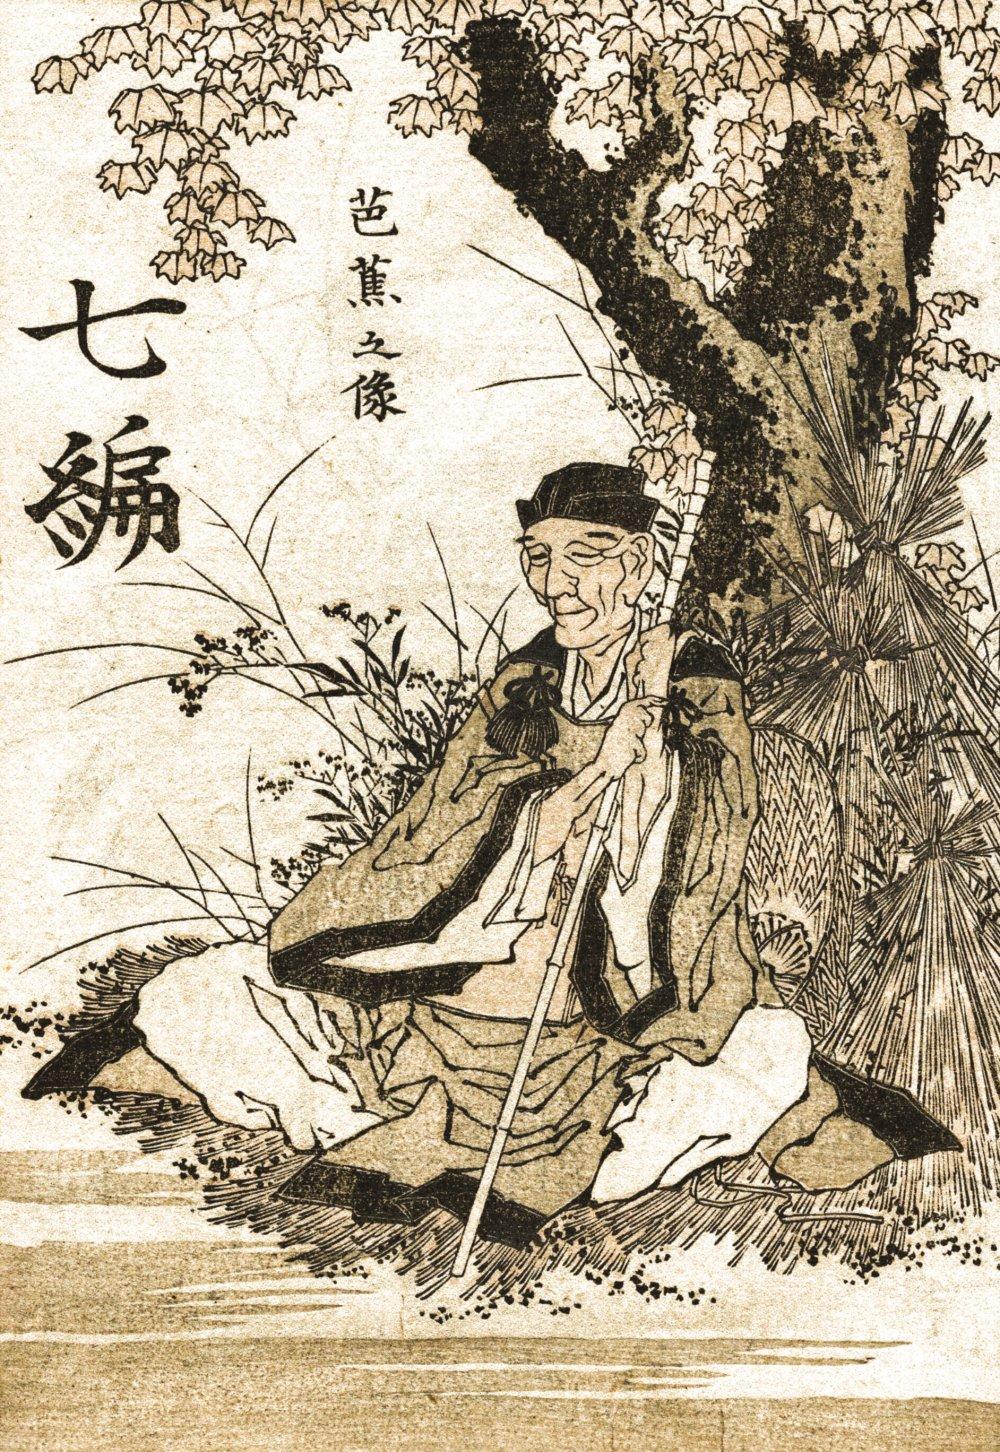 Basho_by_Hokusai-small.jpg